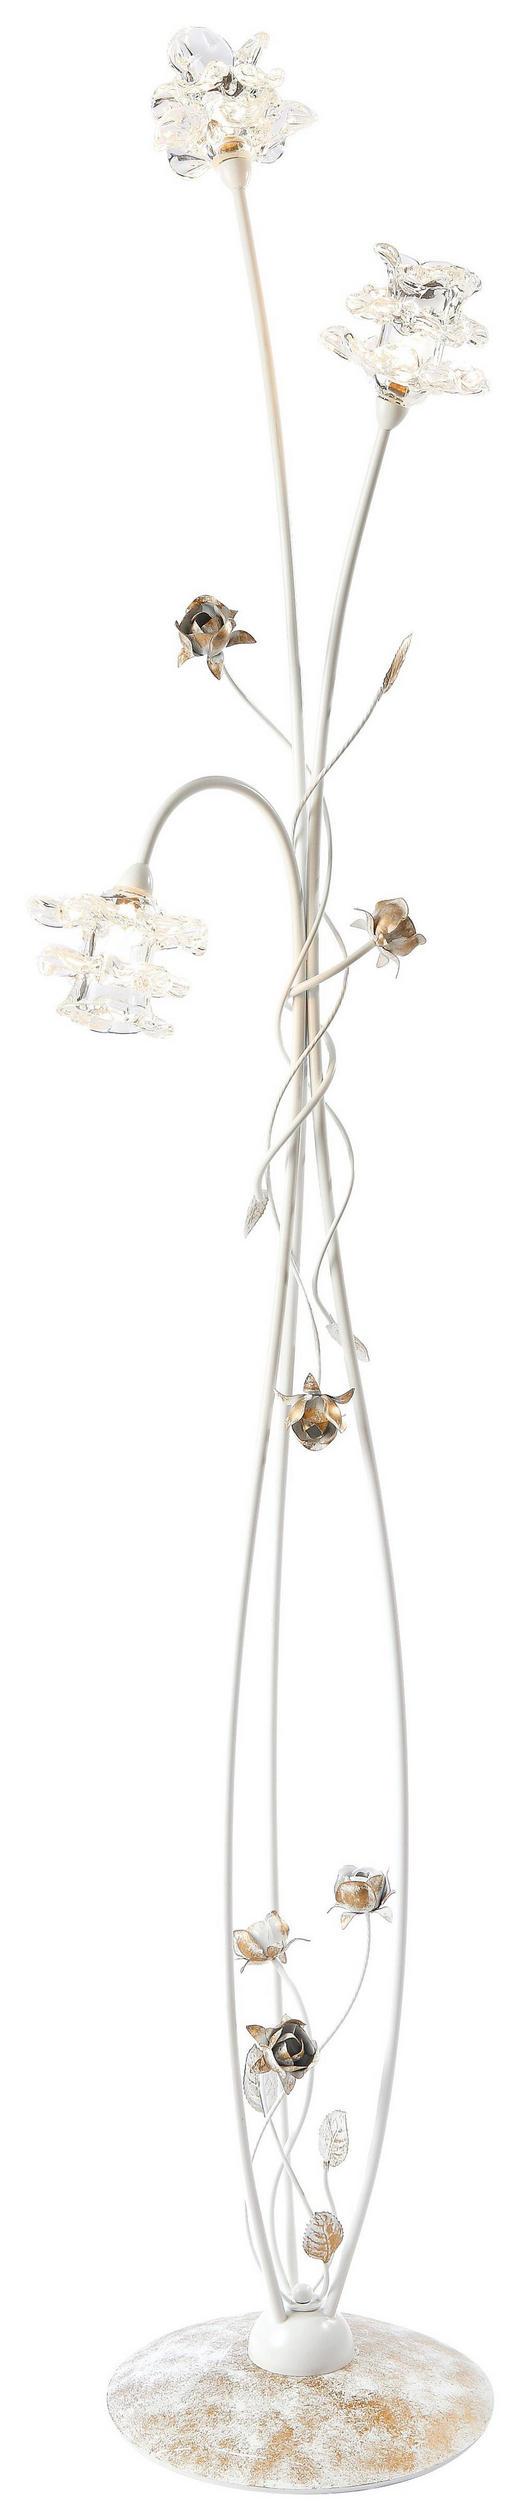 STEHLEUCHTE - LIFESTYLE, Glas/Metall (56/17cm)